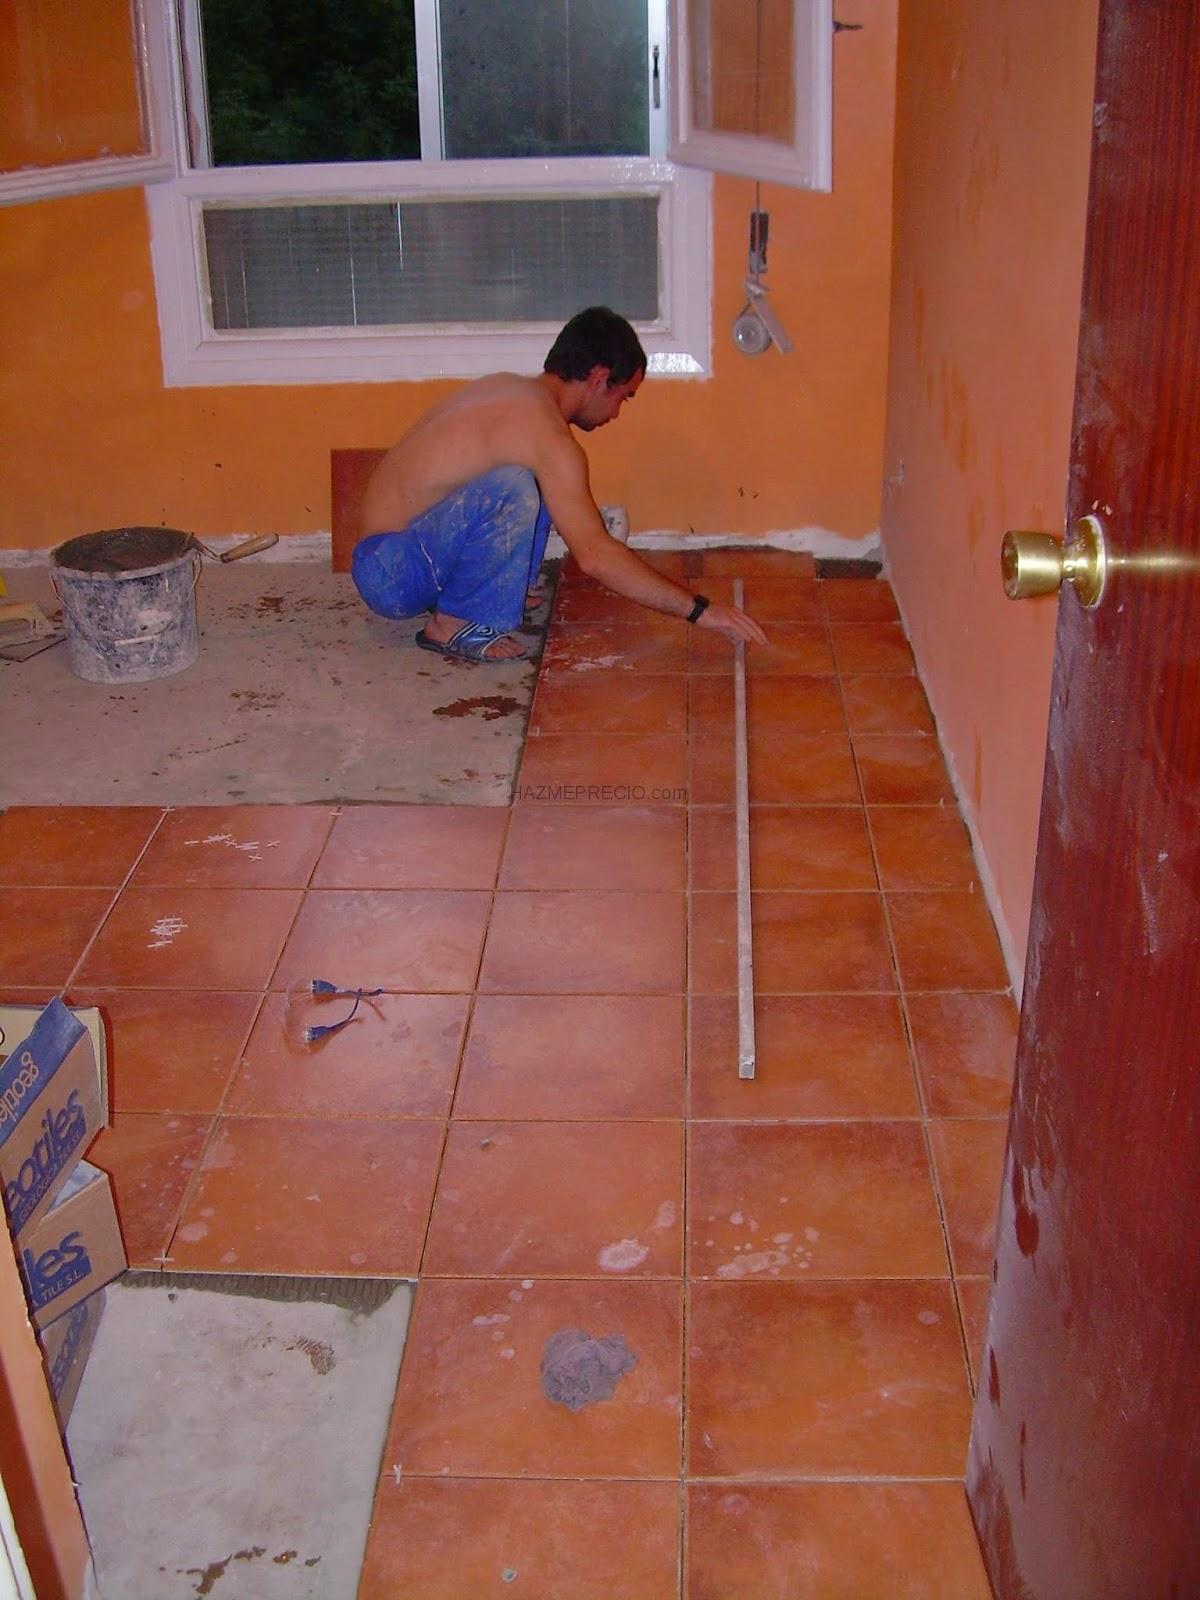 El maestro de obras xavier valderas hacer un embaldosado en el suelo - Poner baldosas suelo ...